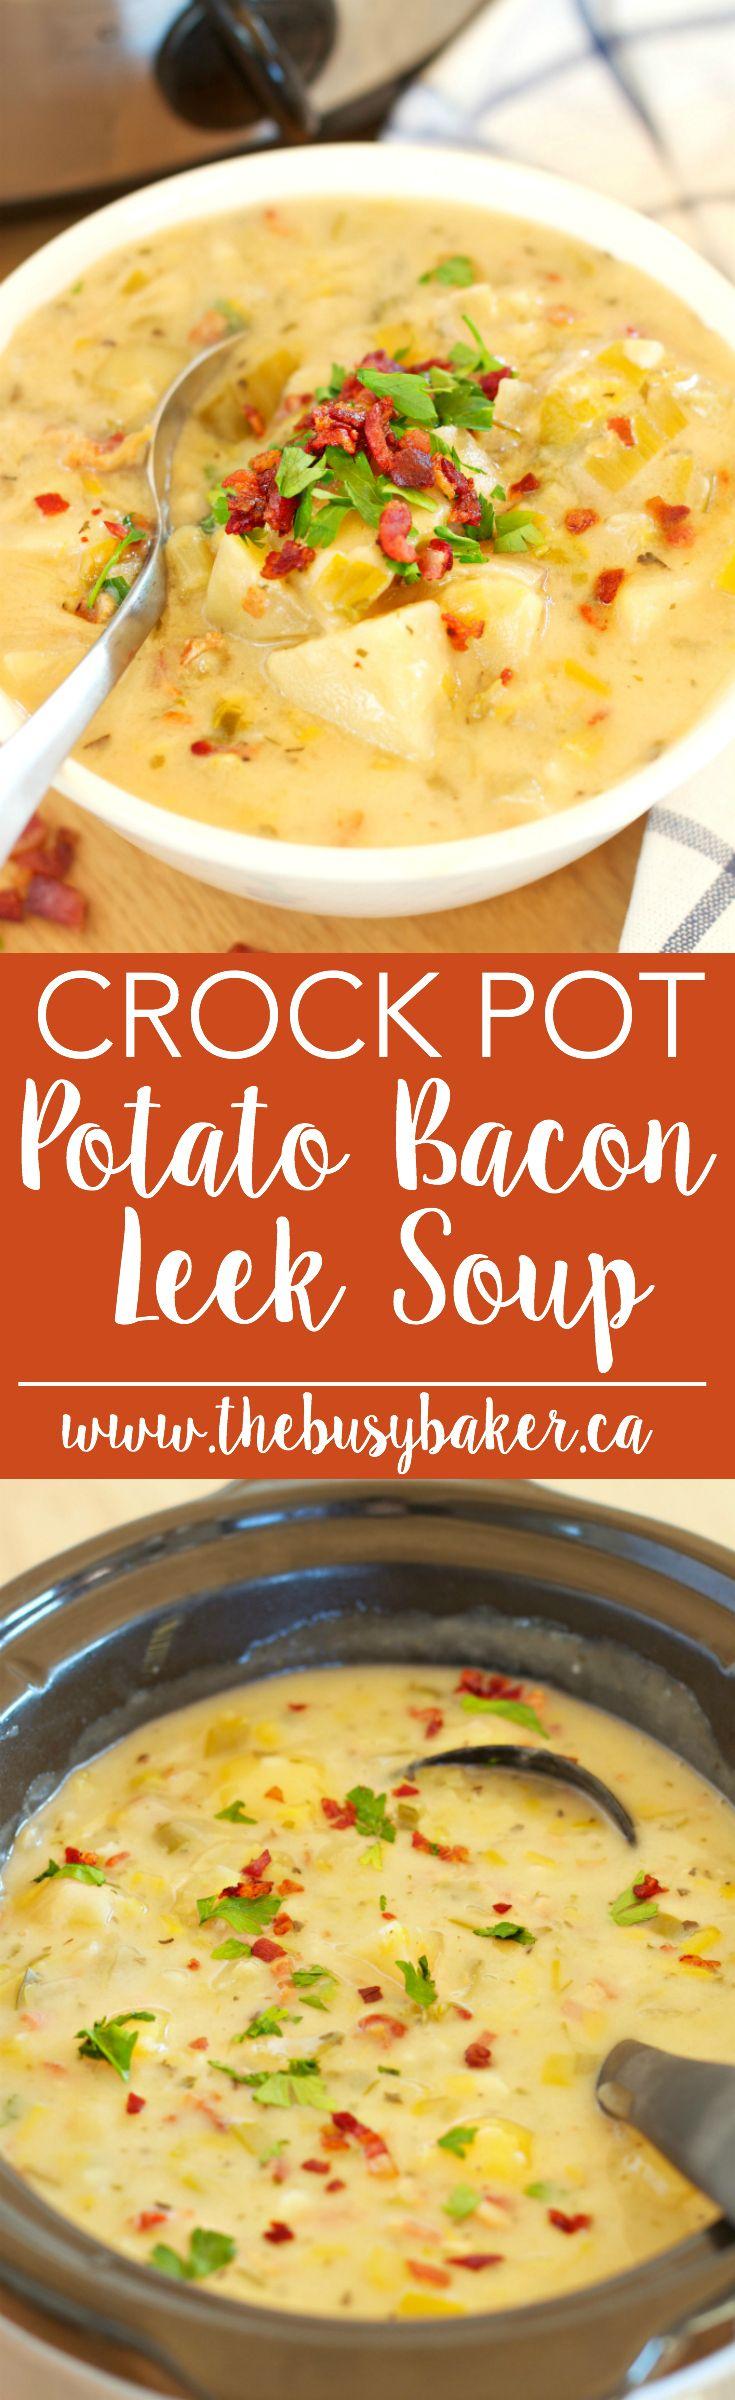 Crock Pot Potato Bacon Leek Soup